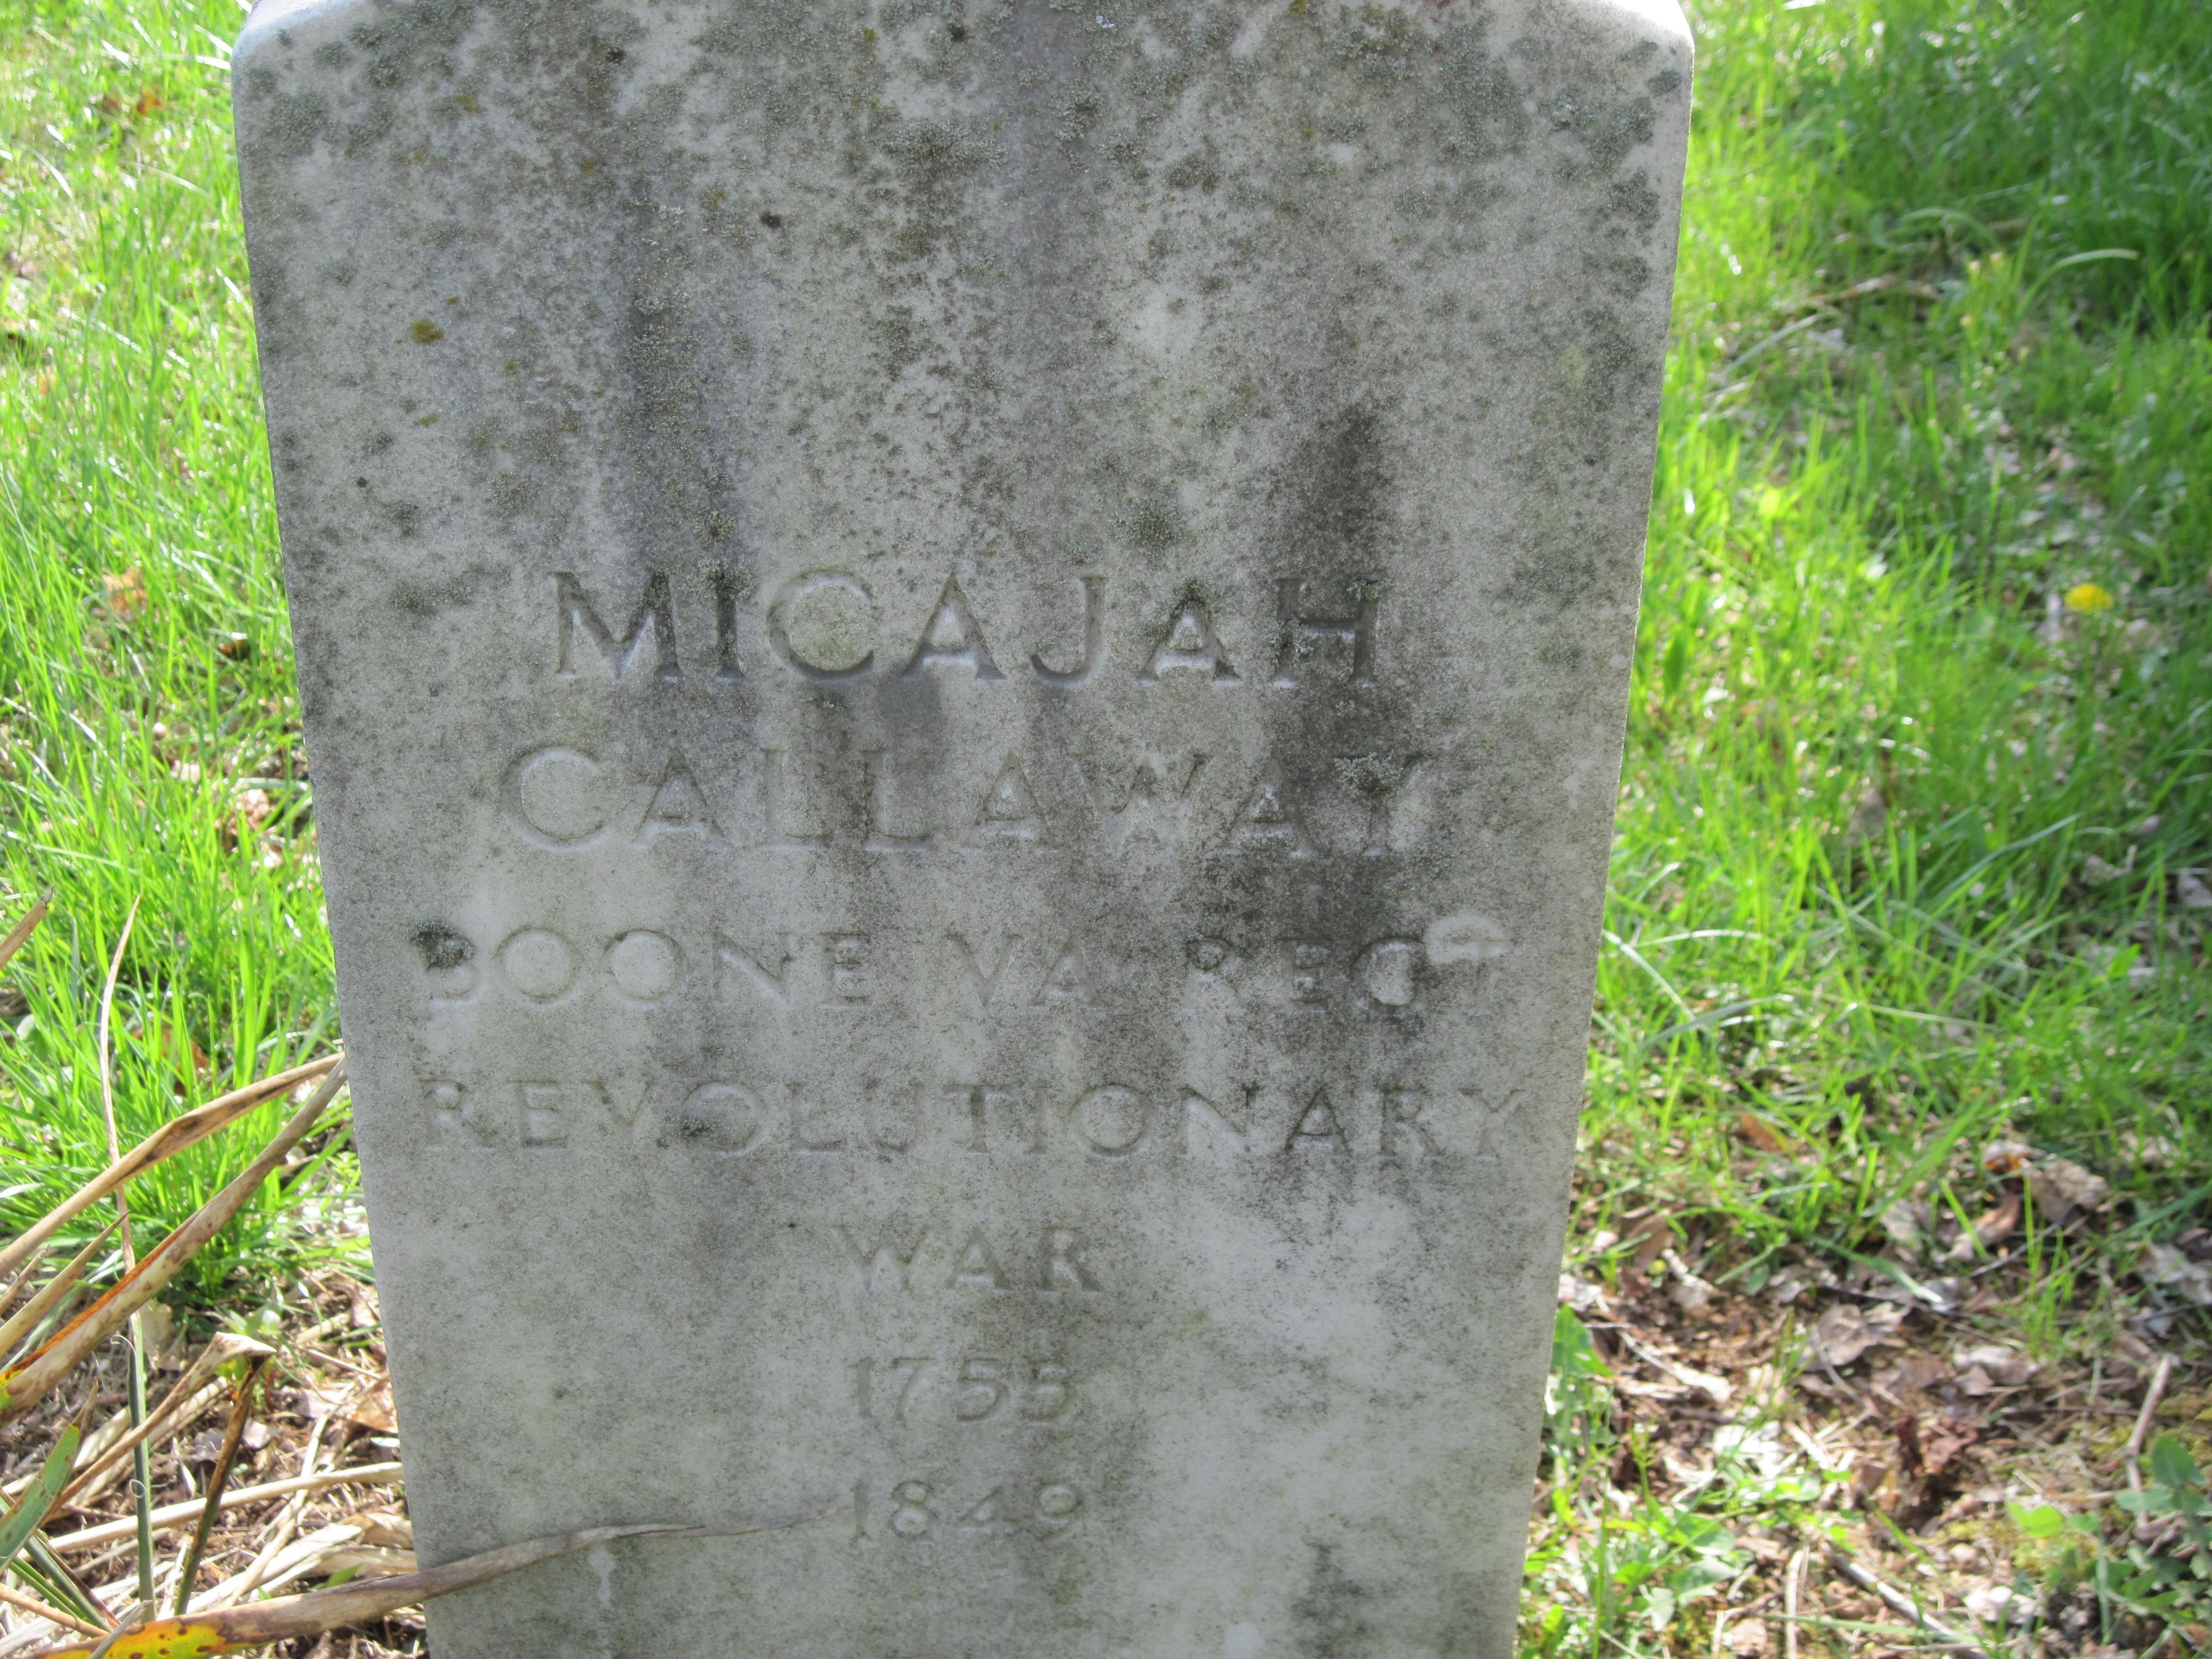 Micajah Callaway